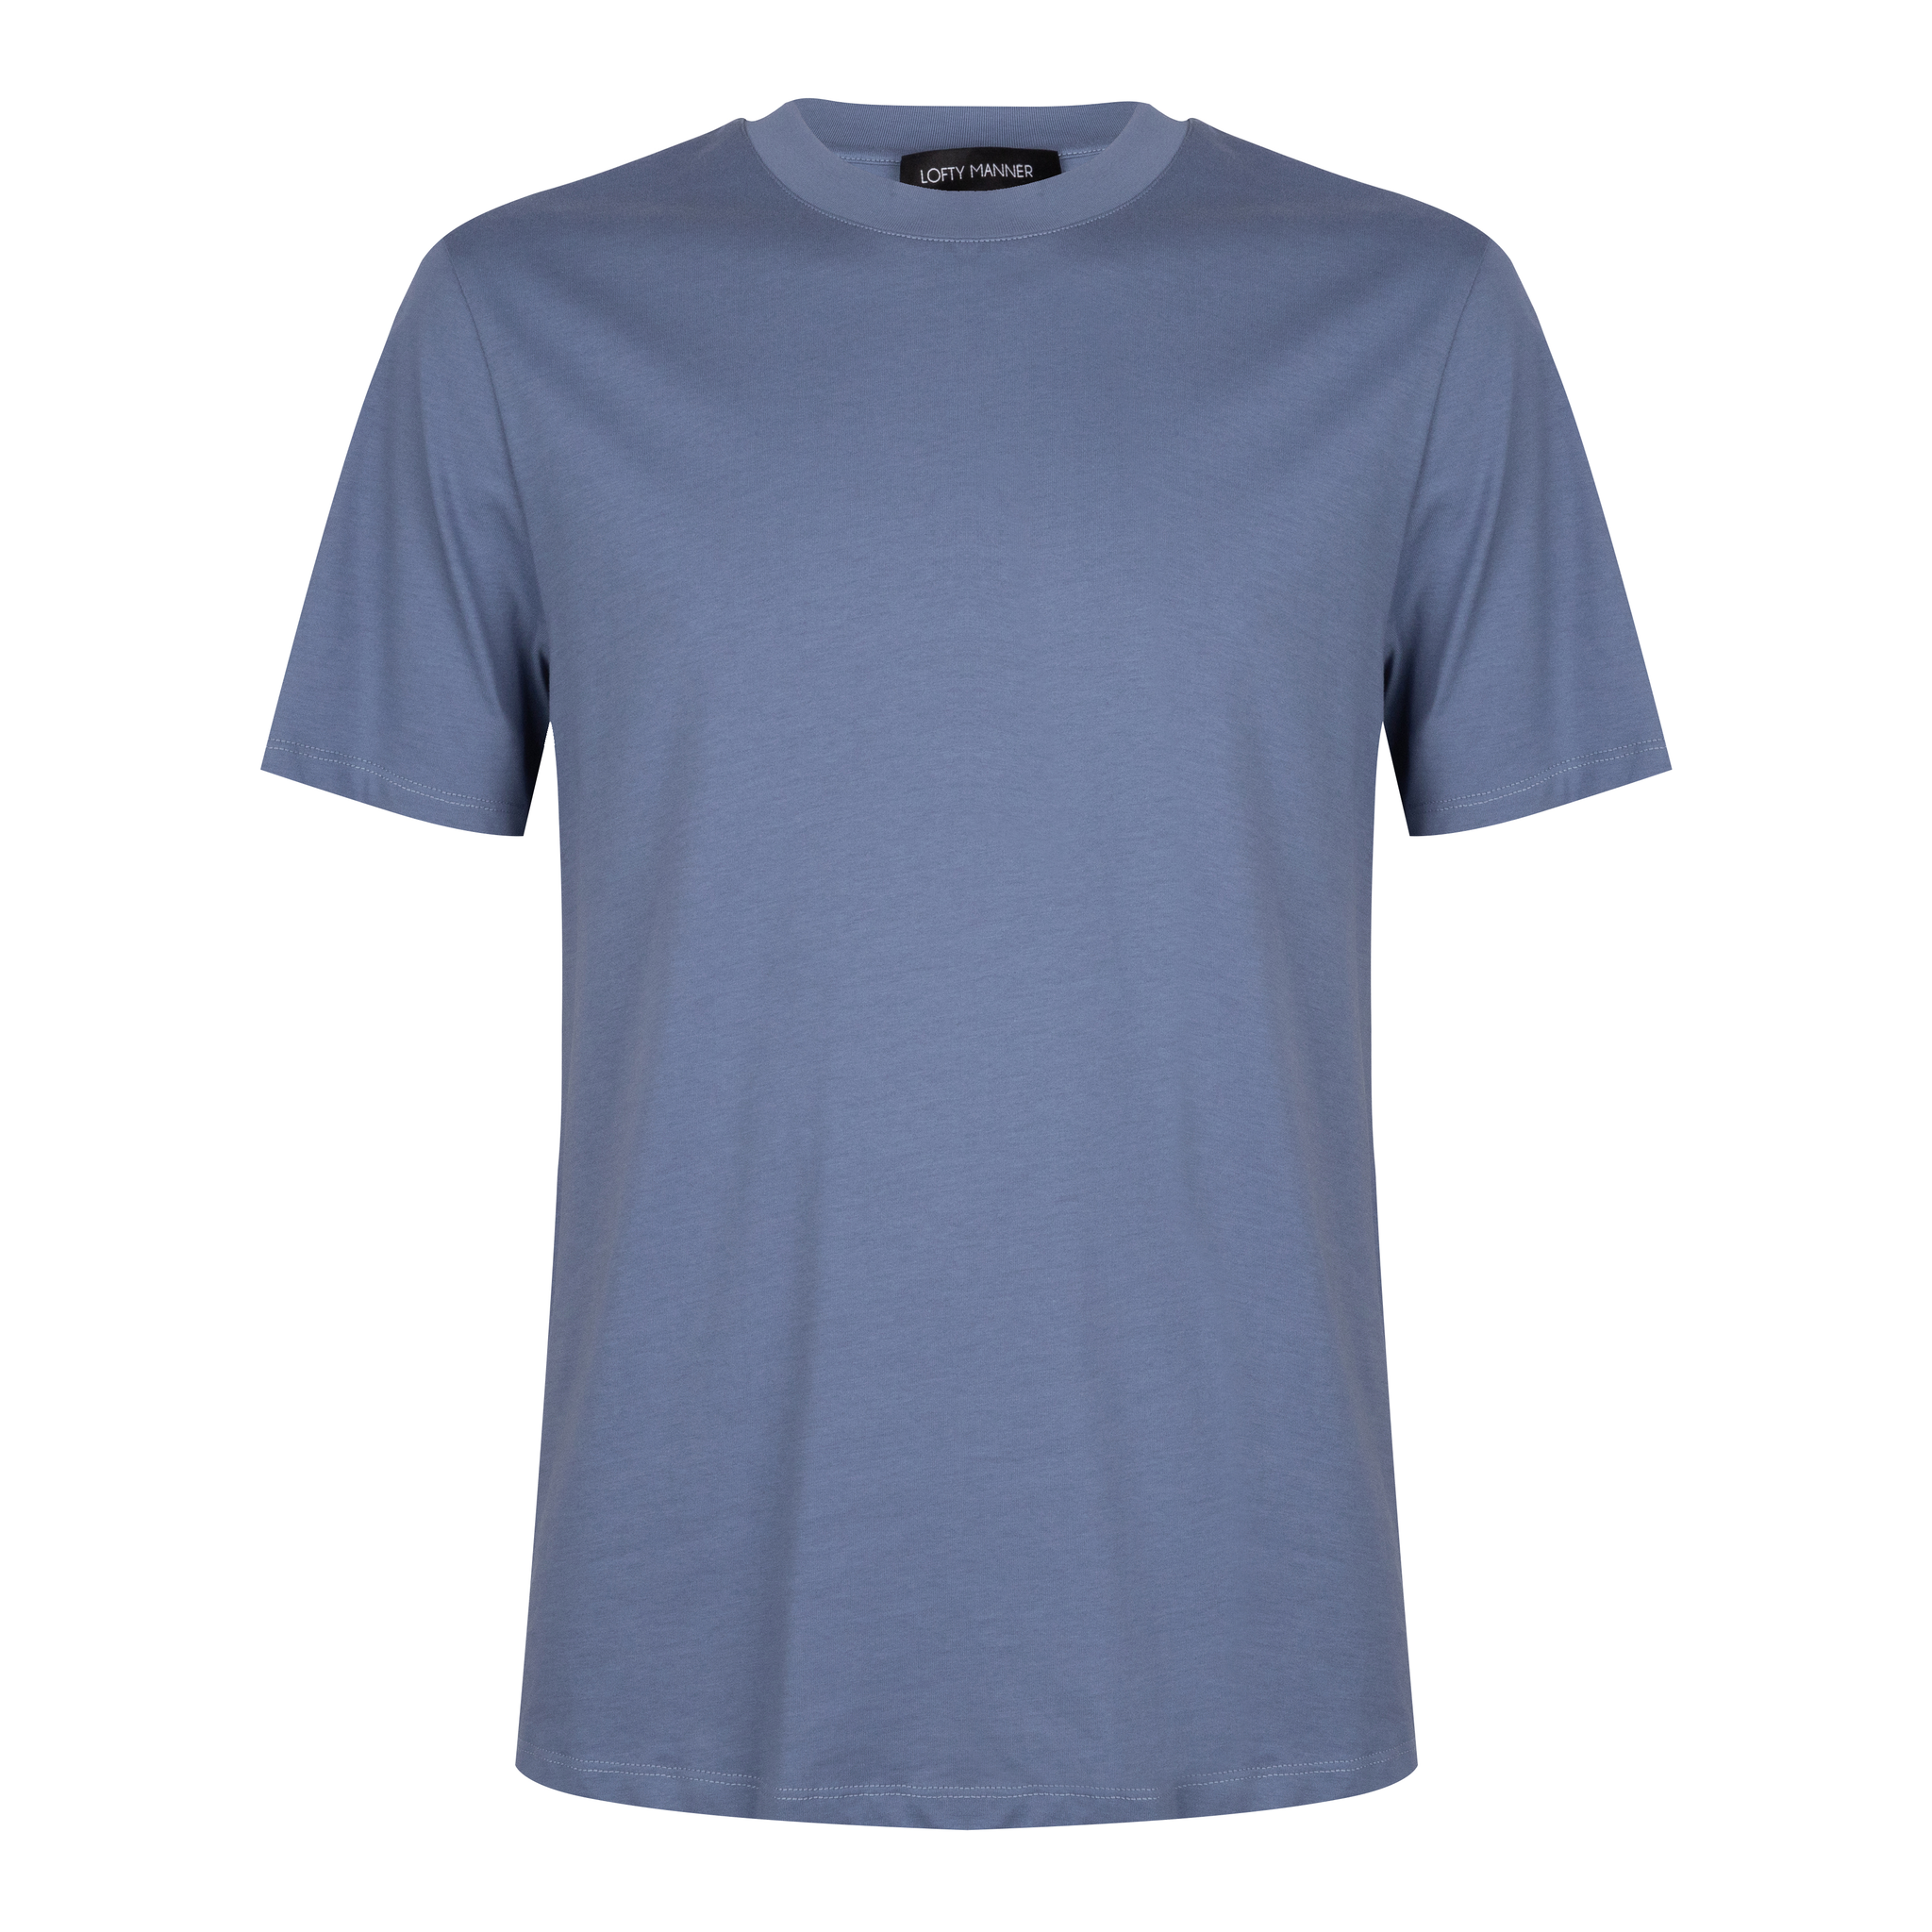 Lofty Manner Blauw T-shirt Eron